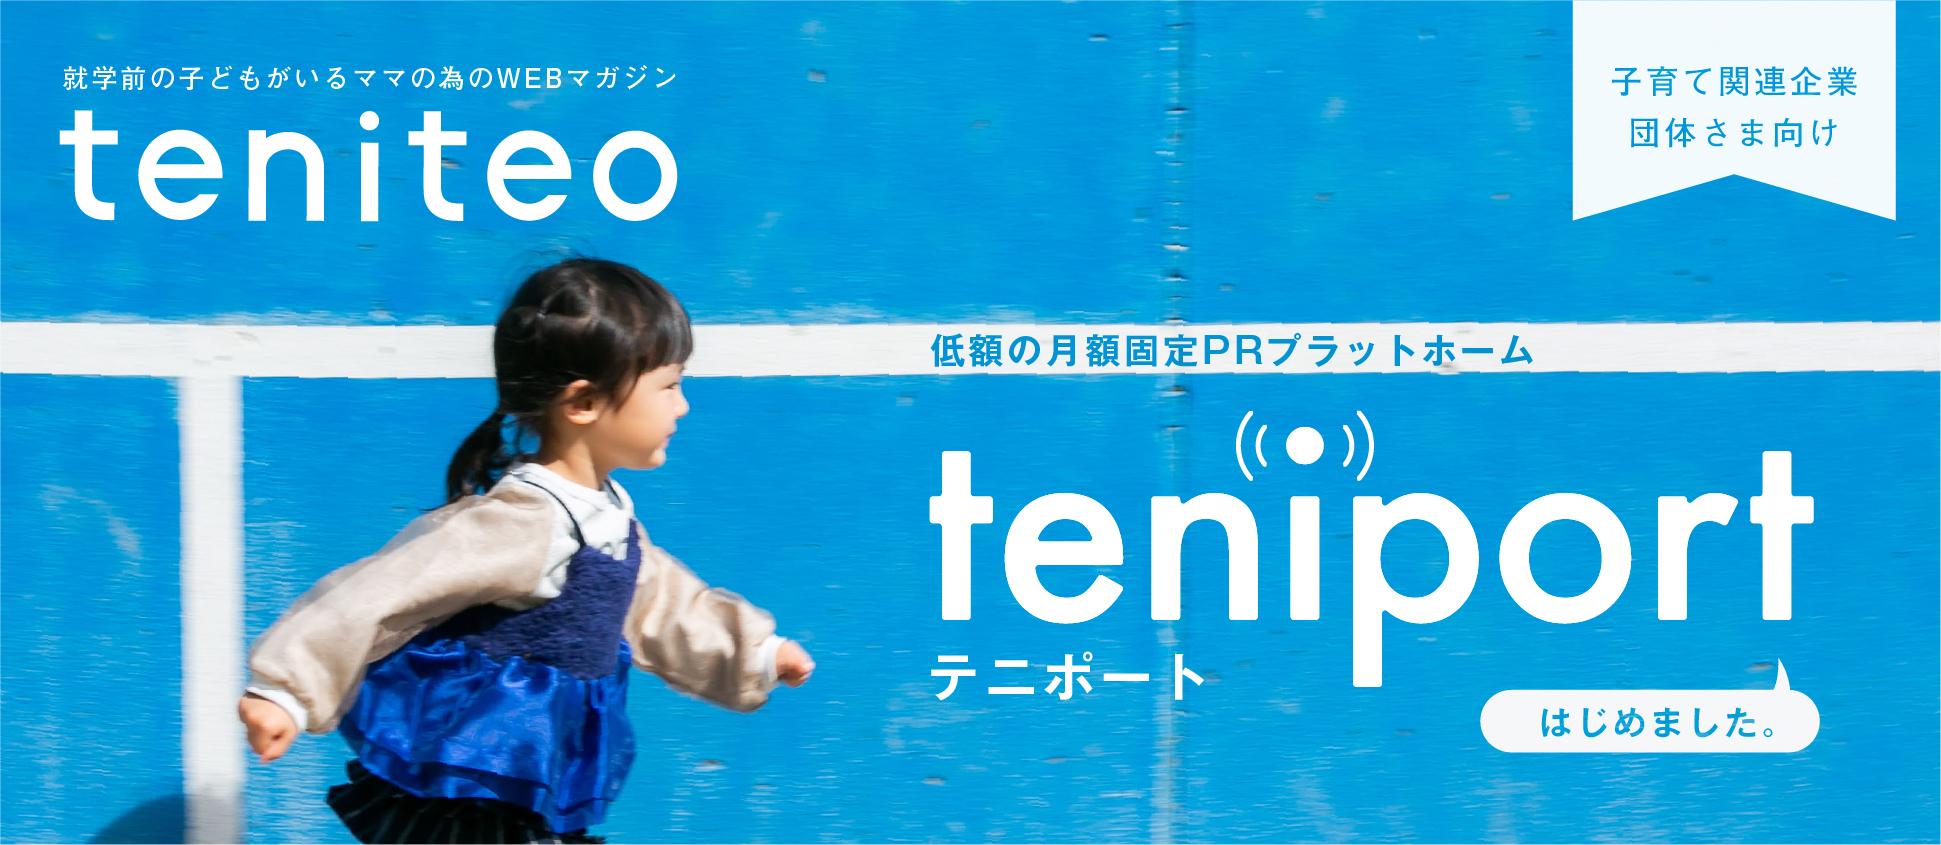 月々1万円で販促・PRができる!新サービス「teniport(テニポート)」開始